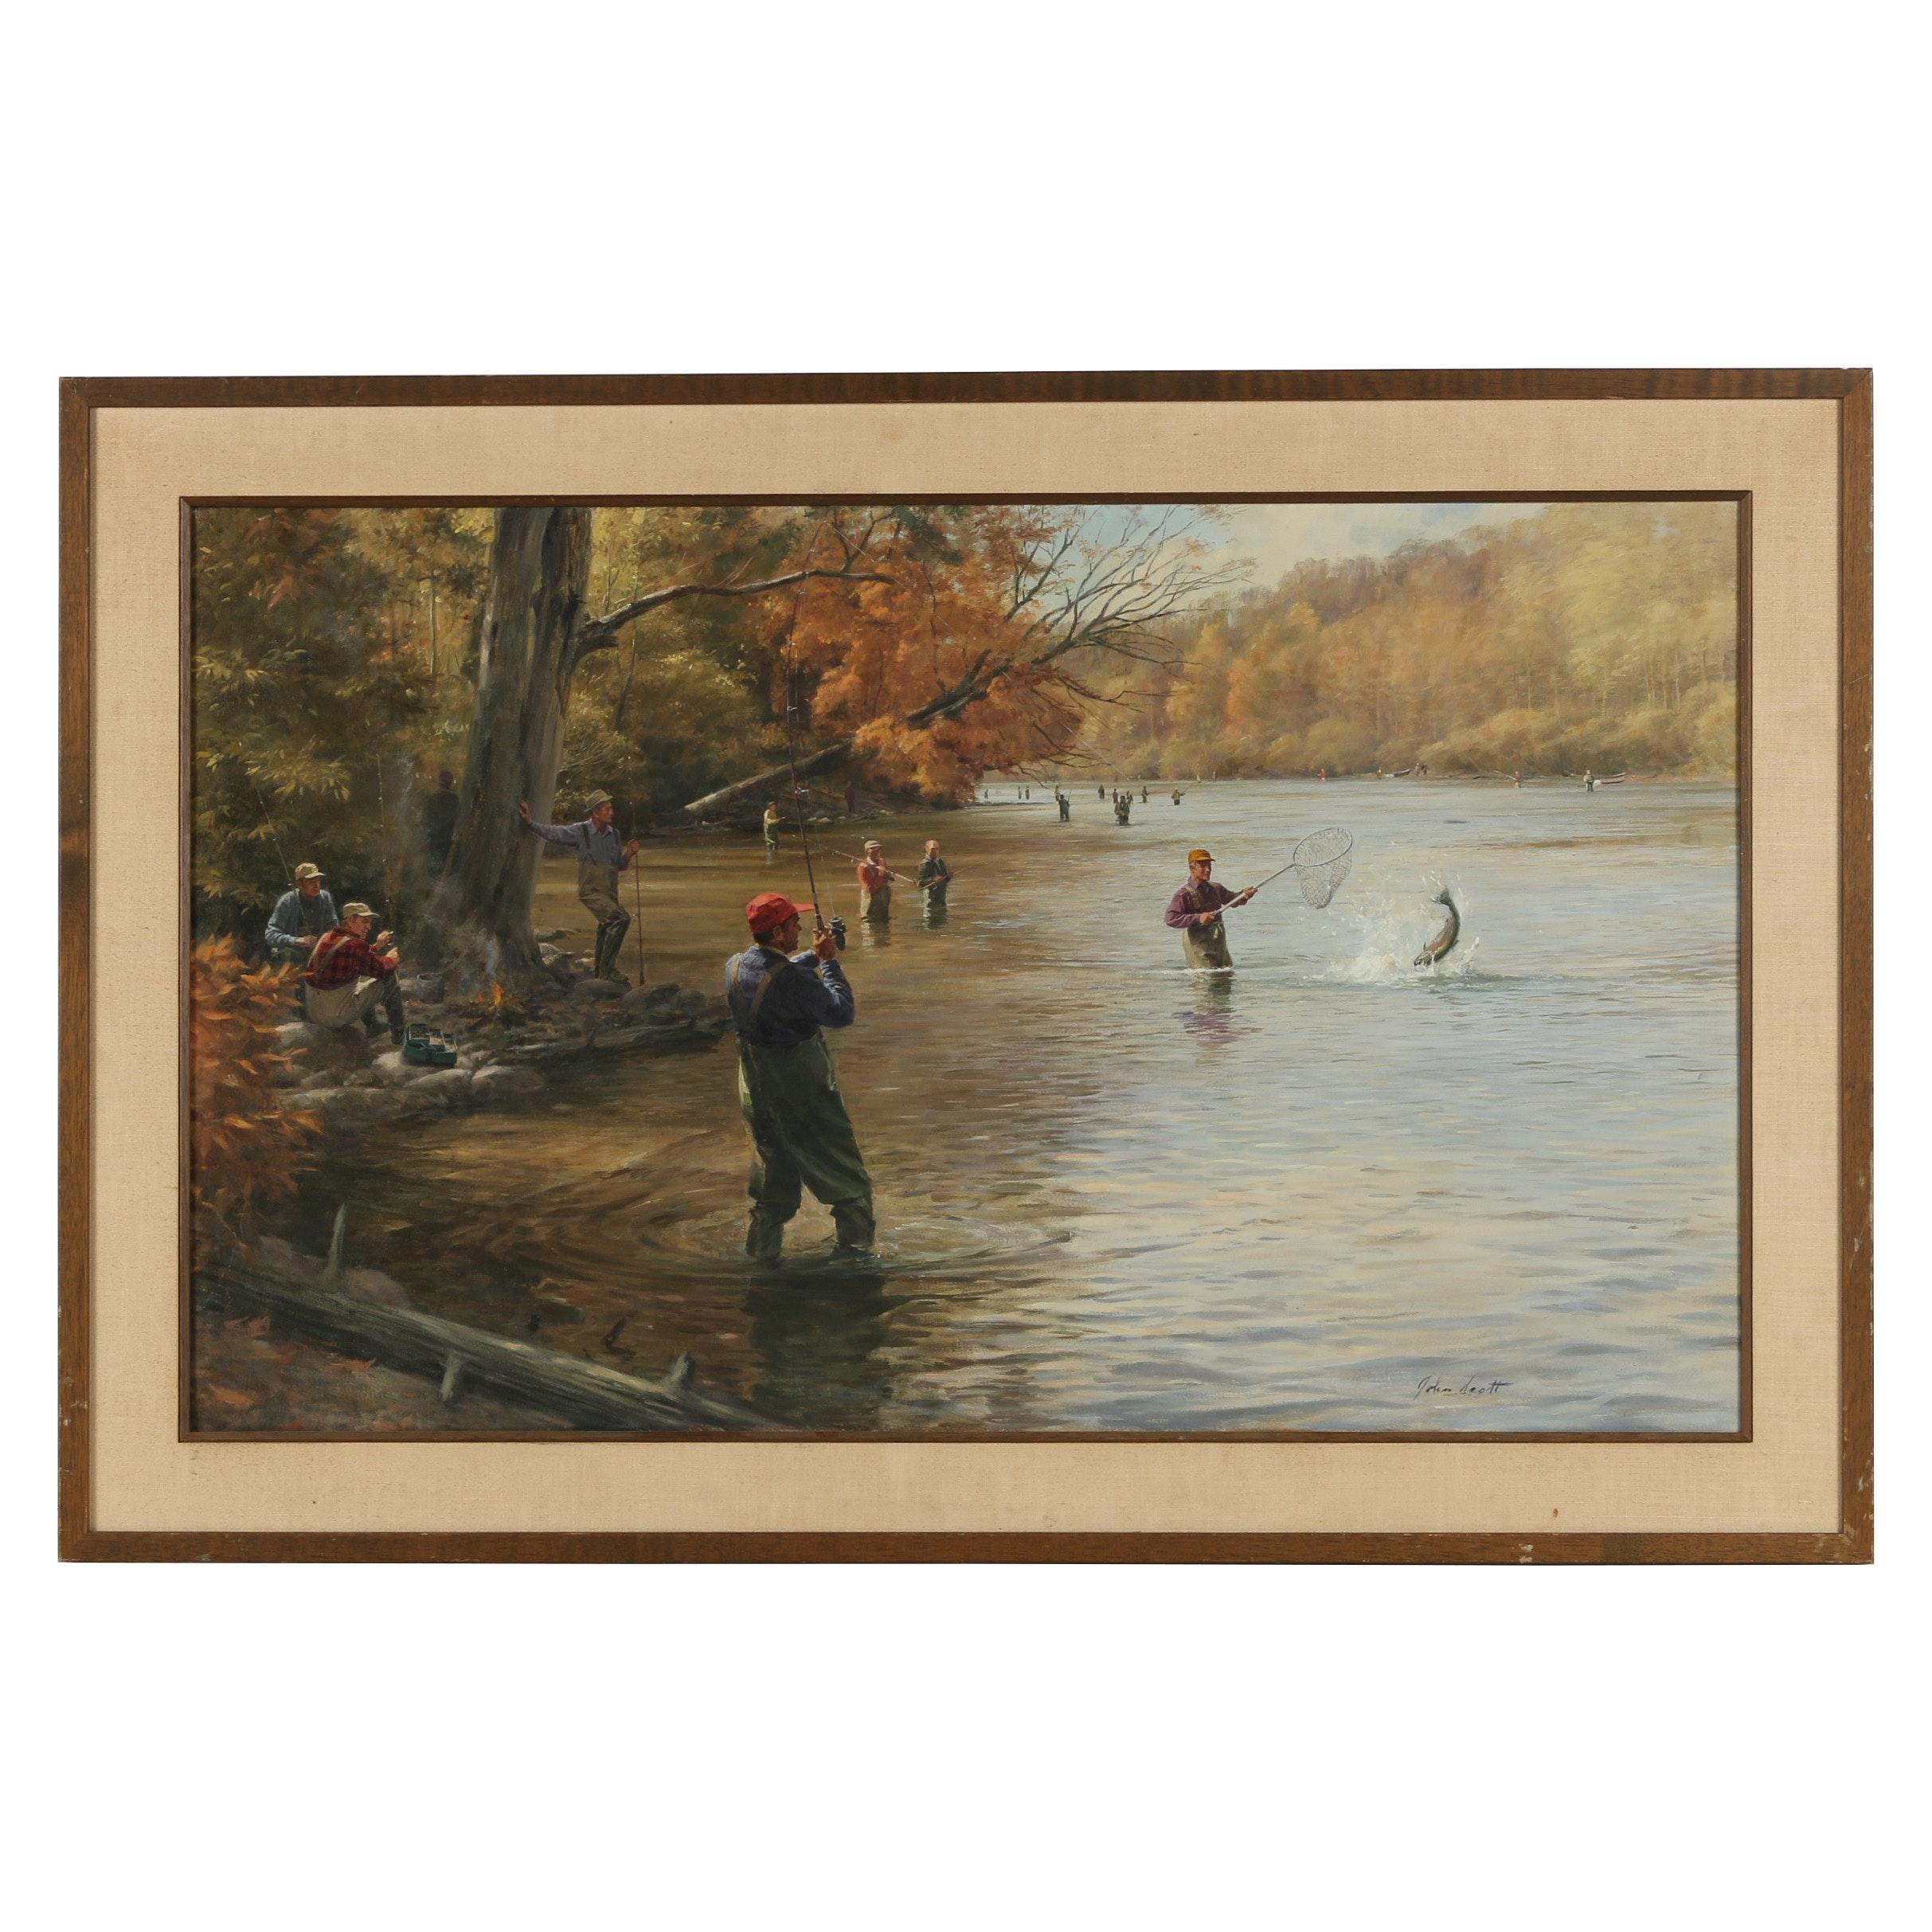 John Scott Oil Painting